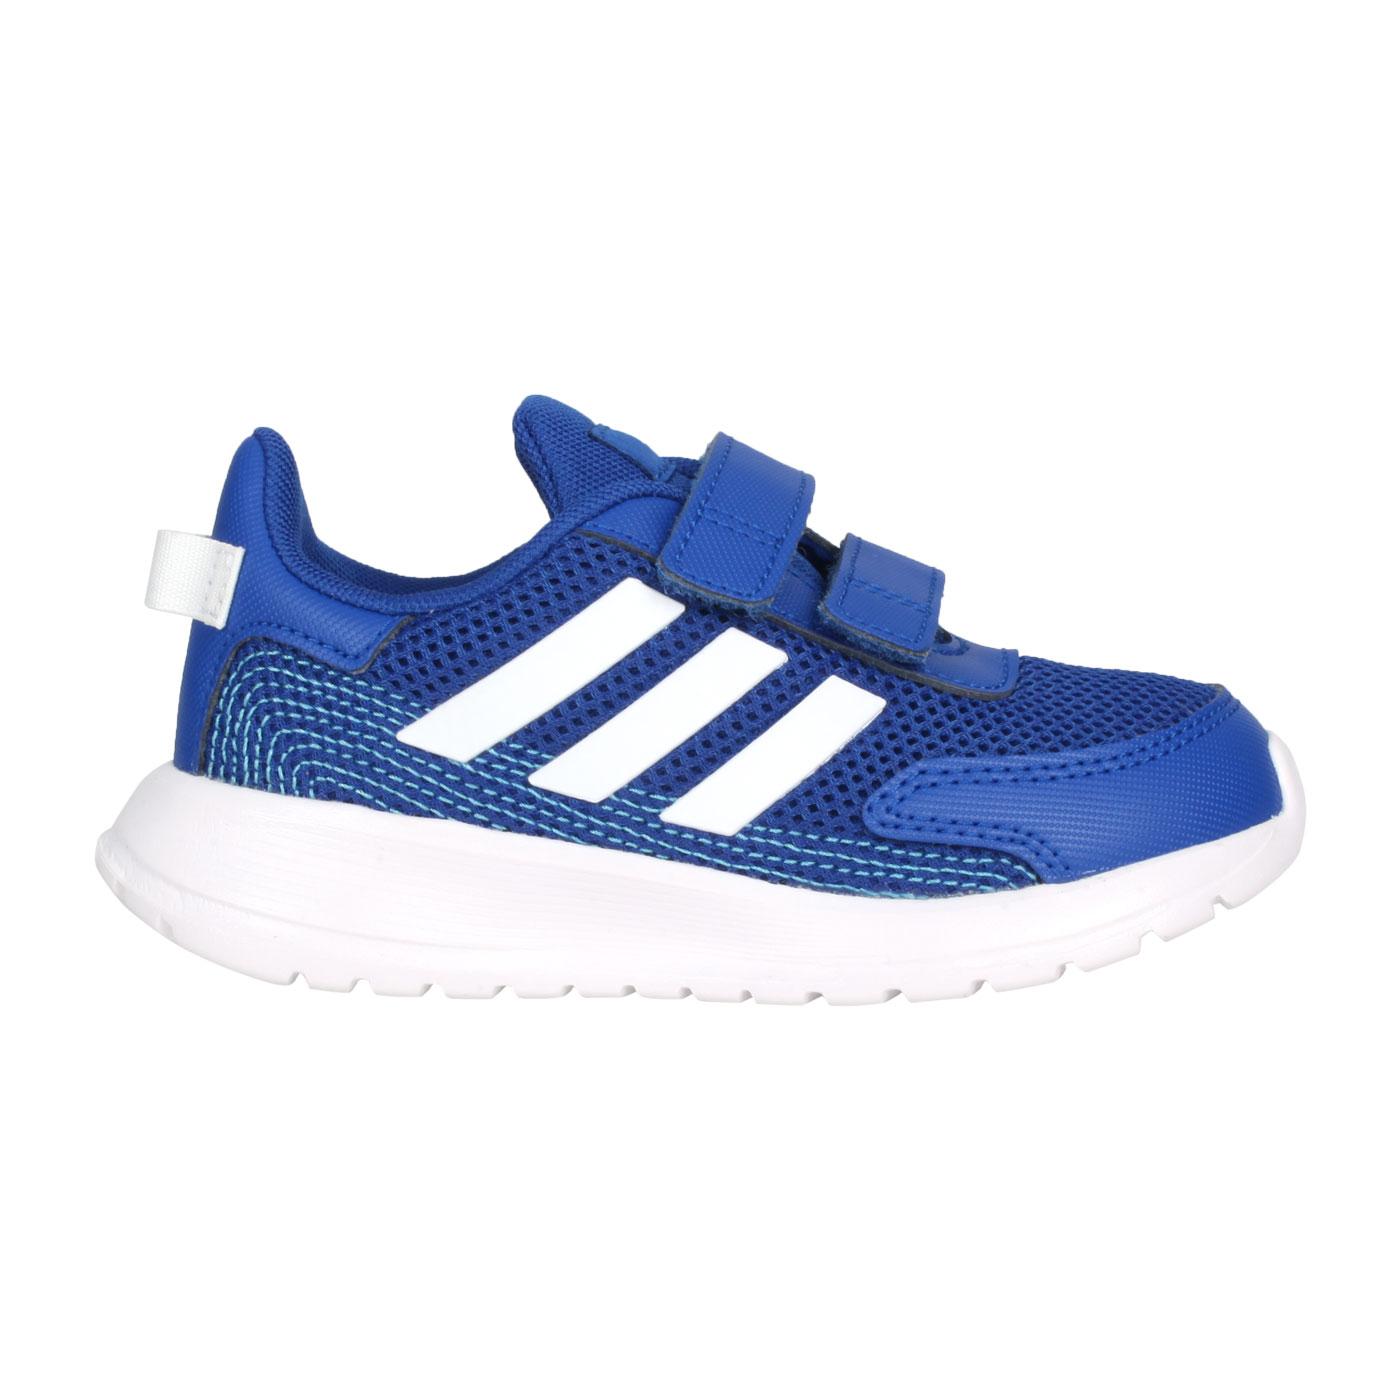 ADIDAS 小童休閒運動鞋 EG4140 - 寶藍白